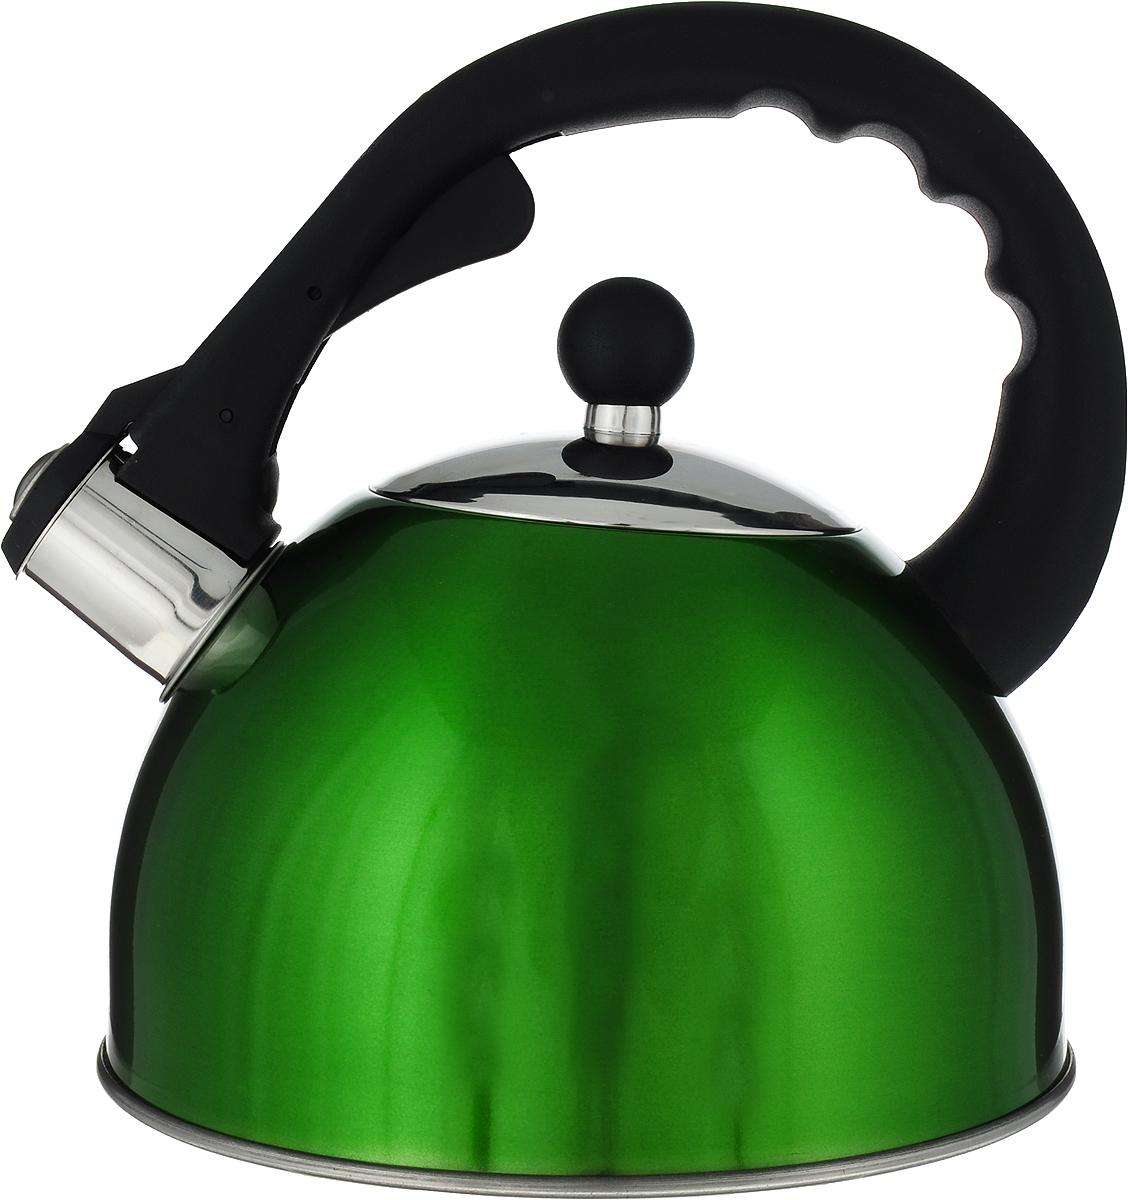 Чайник Mayer & Boch, со свистком, цвет: зеленый, 2,7 л. 3333